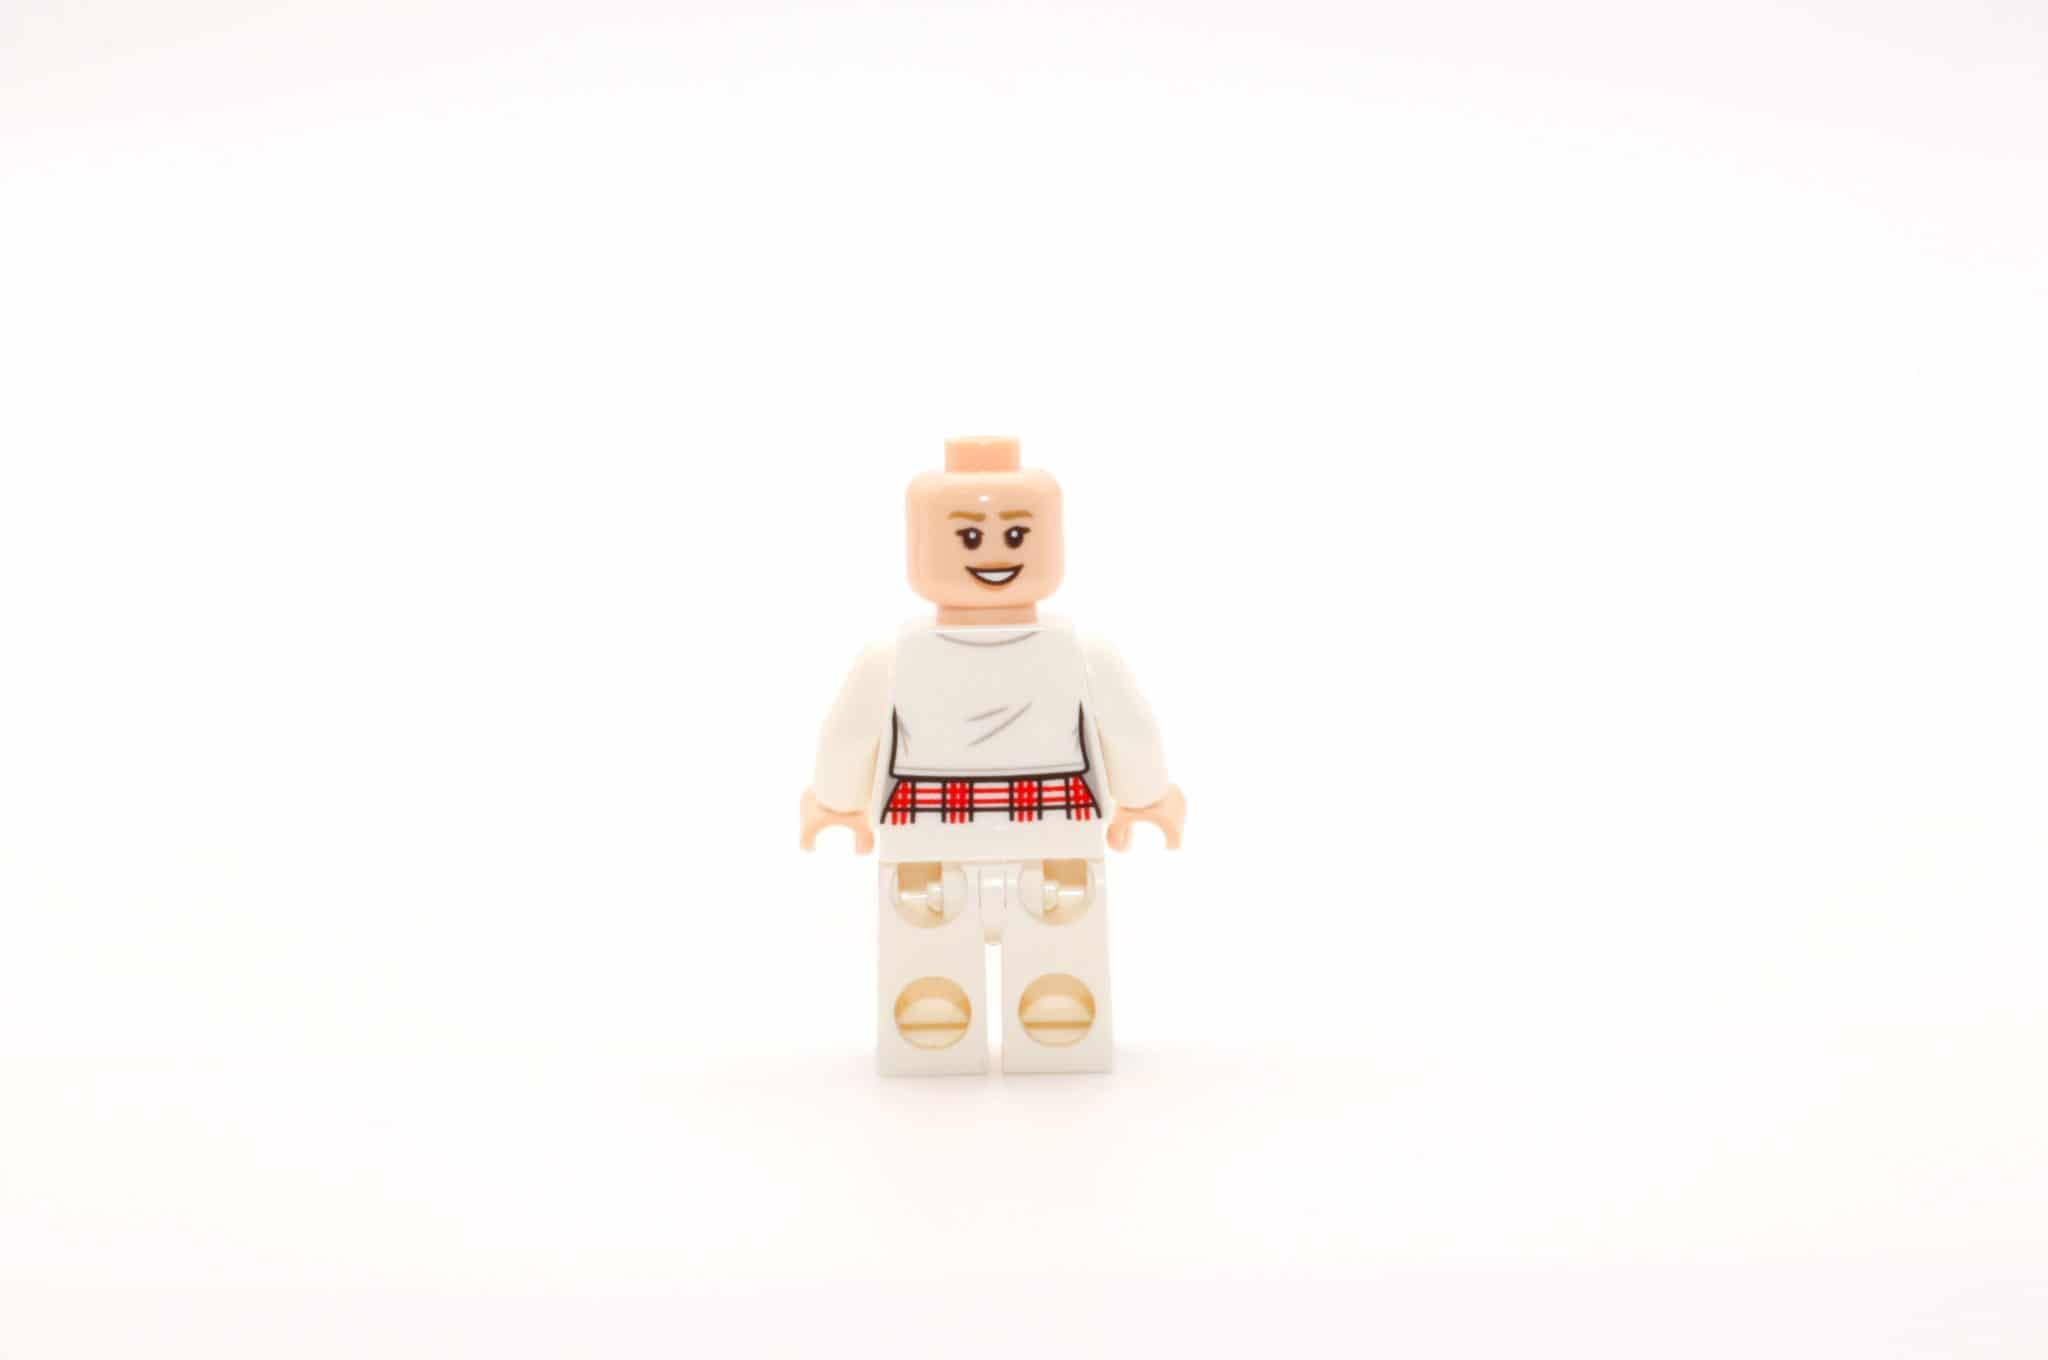 LEGO Friends 10292 The Friends Apartments Rachel Back